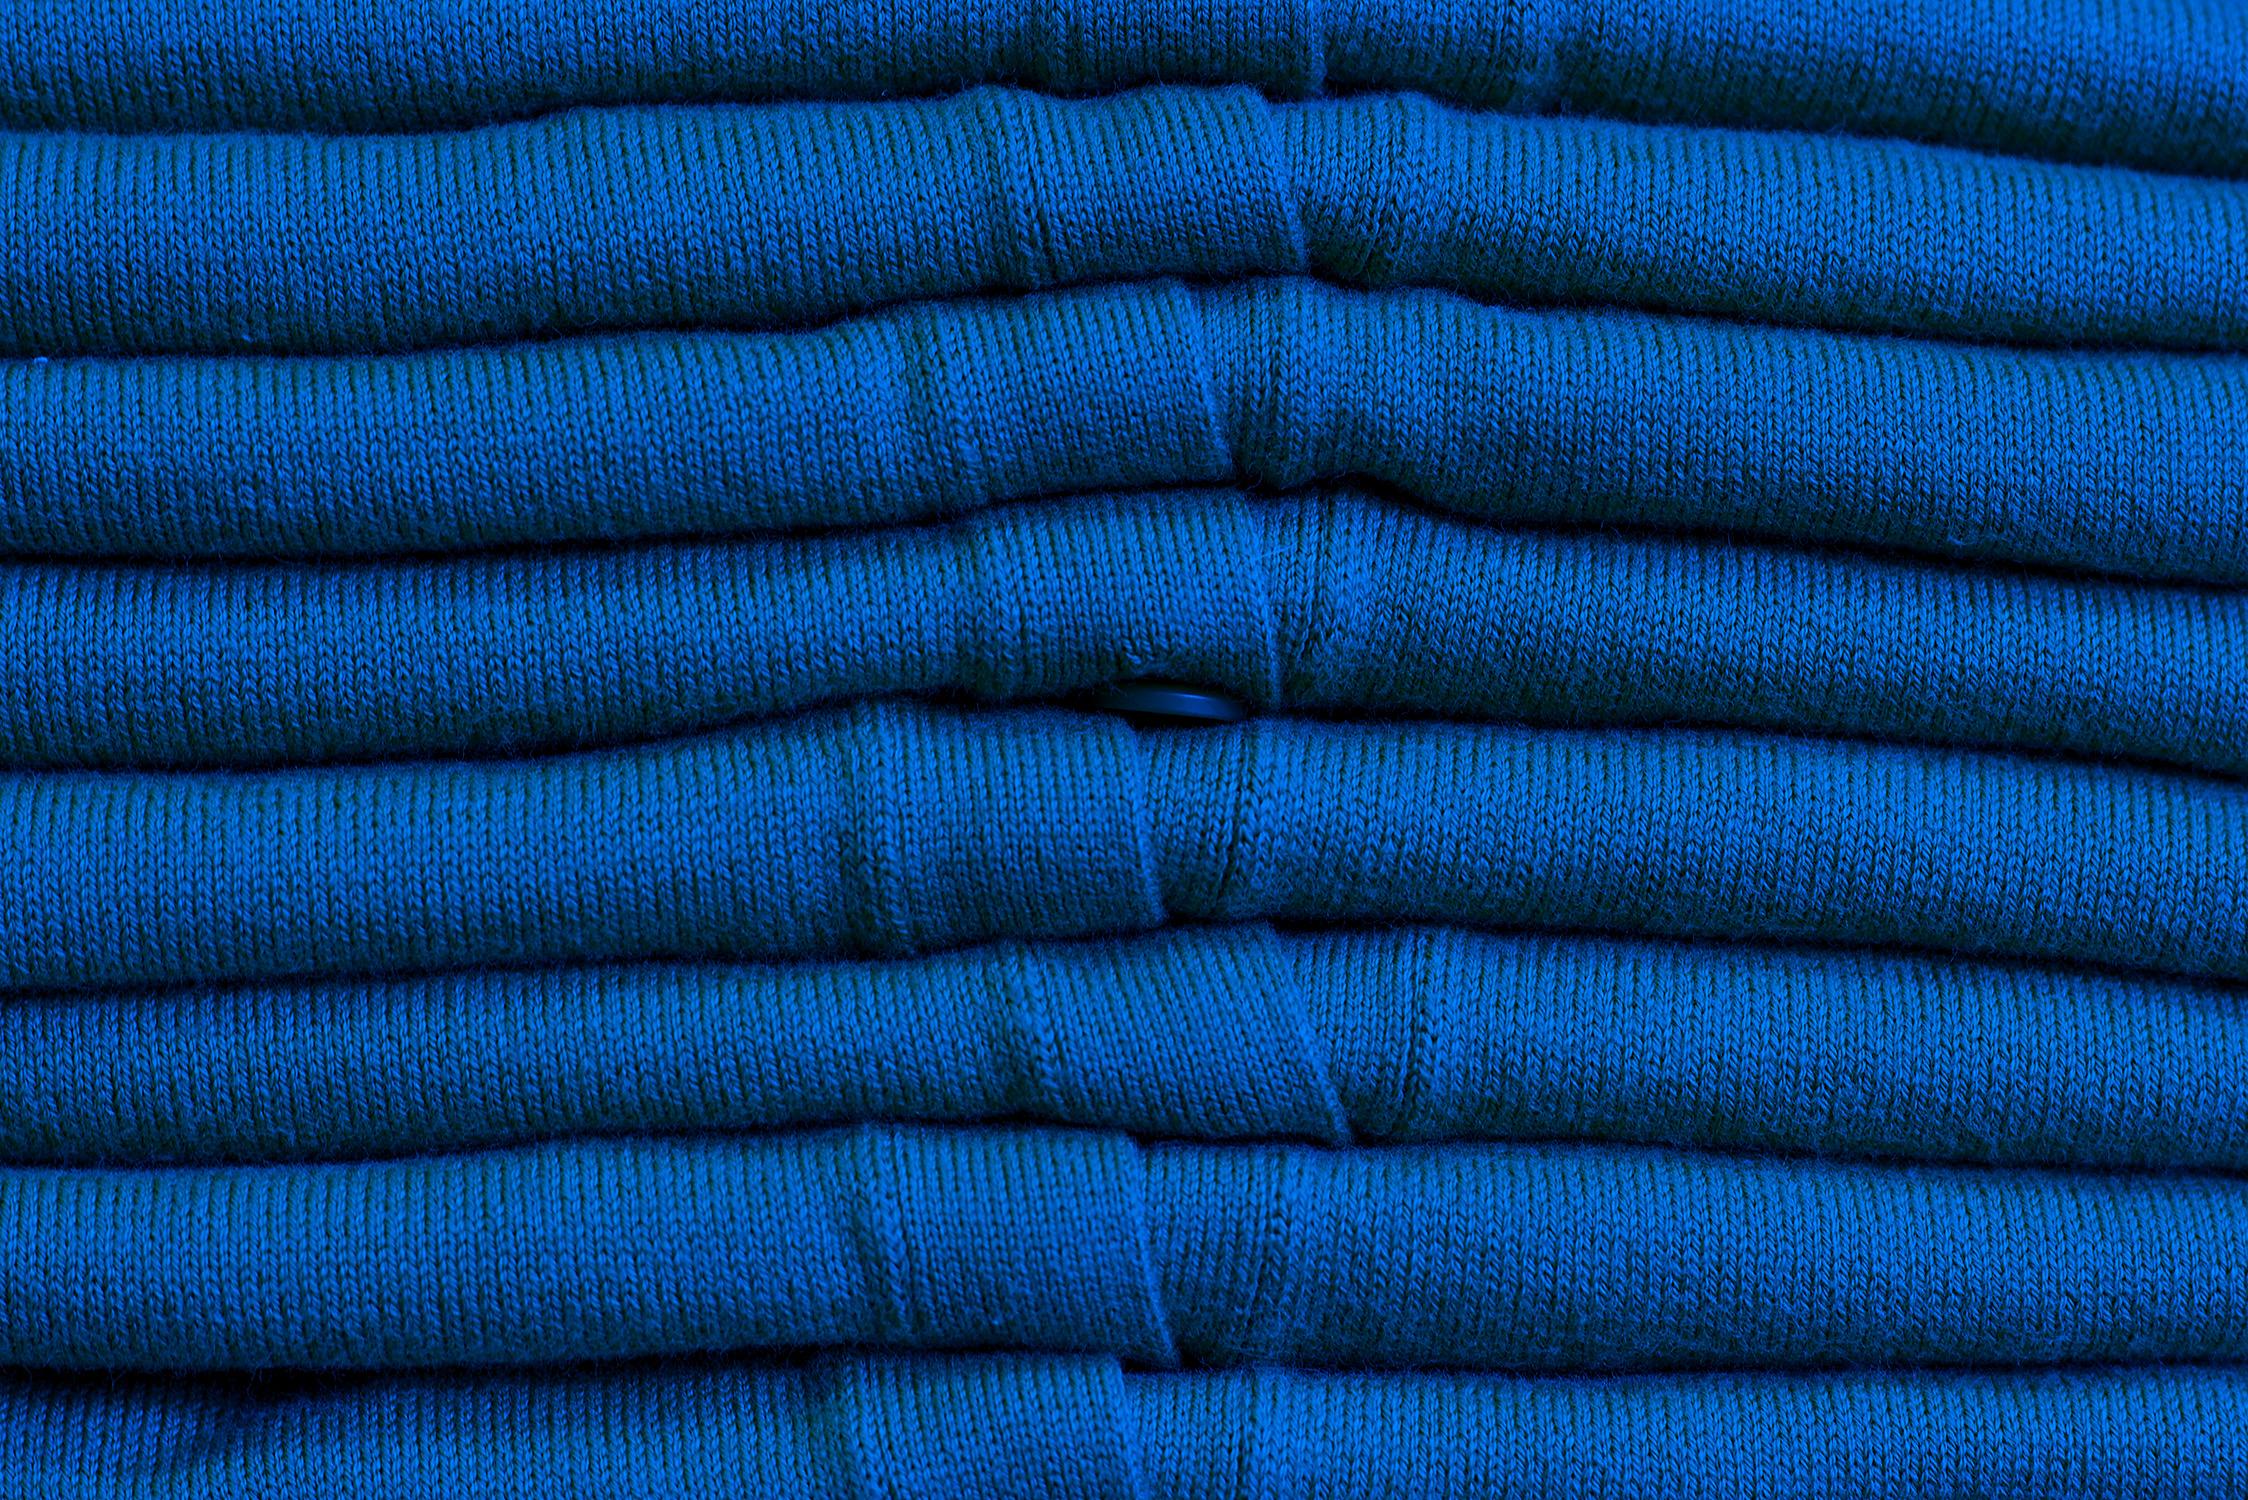 El Libro Amarillo Tendencias de Color Primavera 2021 Azul Cobalto Giff Animado pila de sweaters